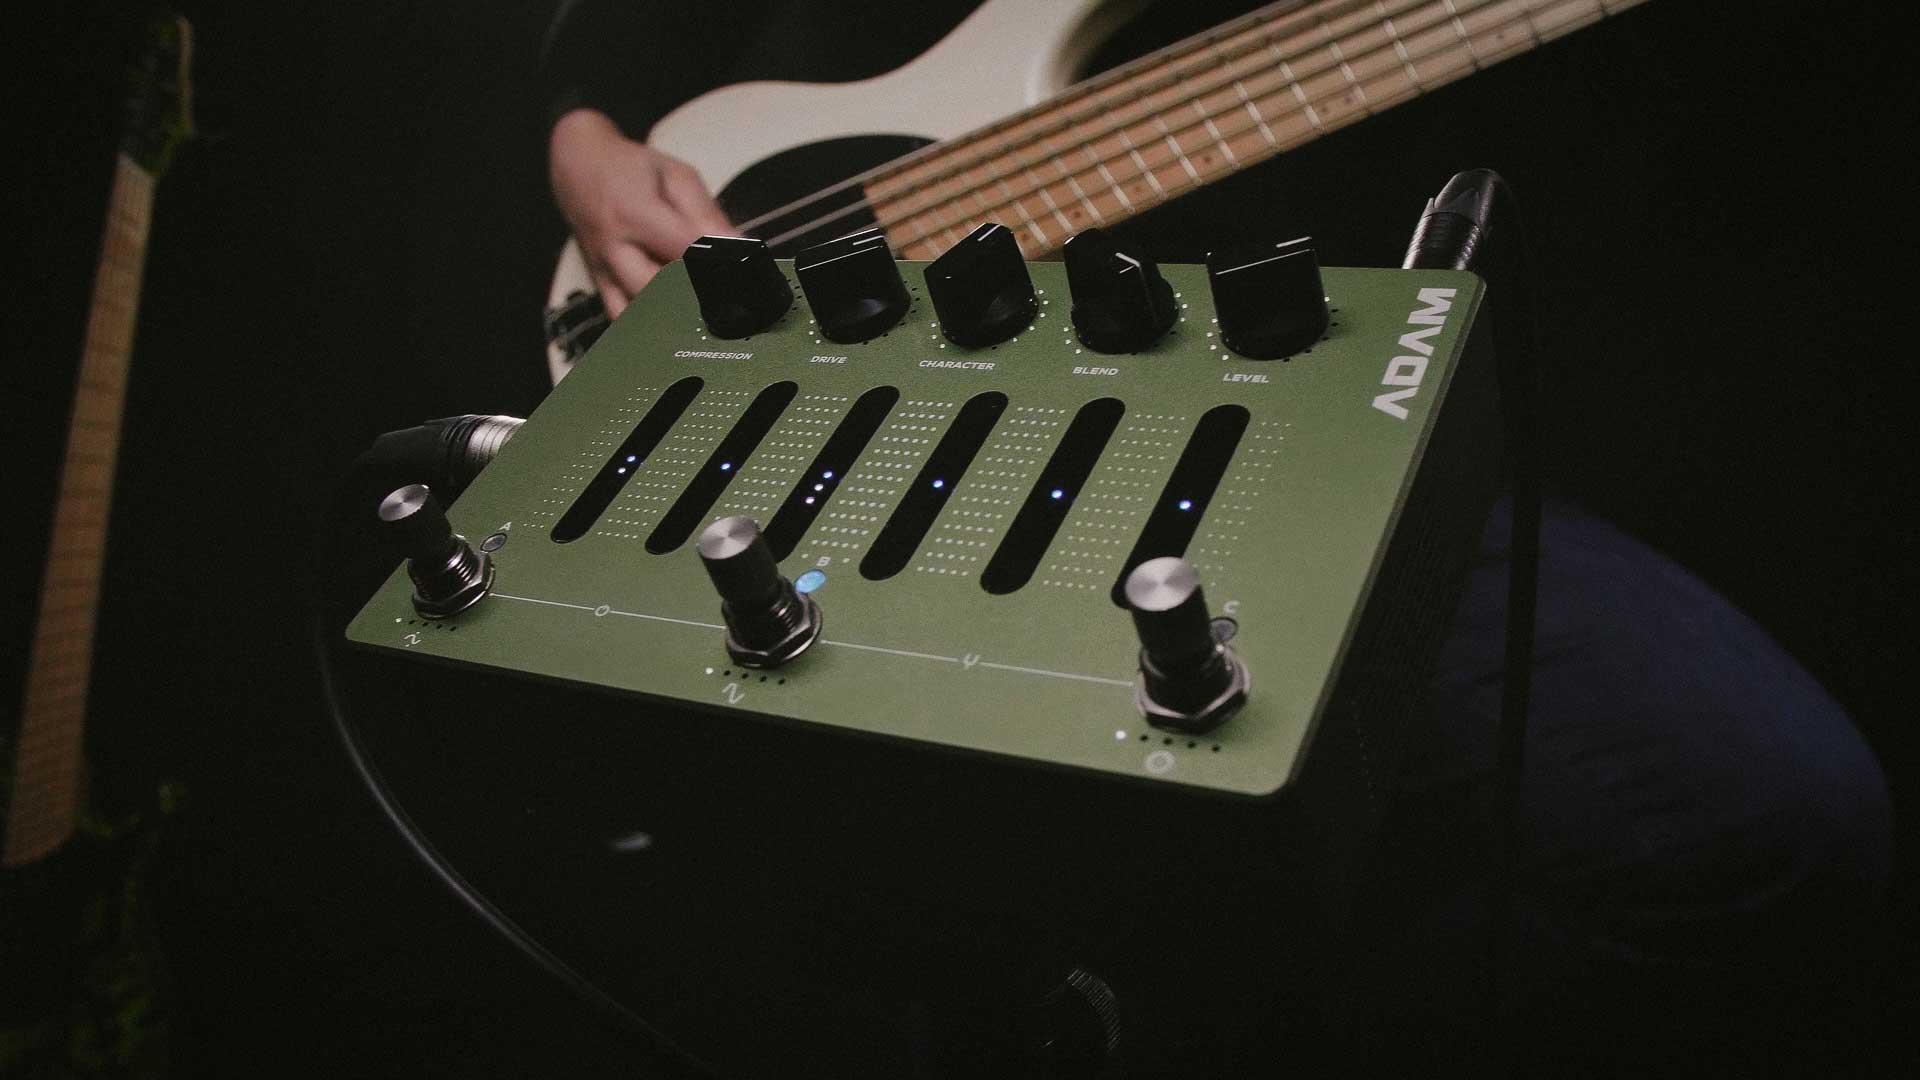 פדאל פרה-אמפ ודיסטורשן לגיטרה בס Darkglass ADAM